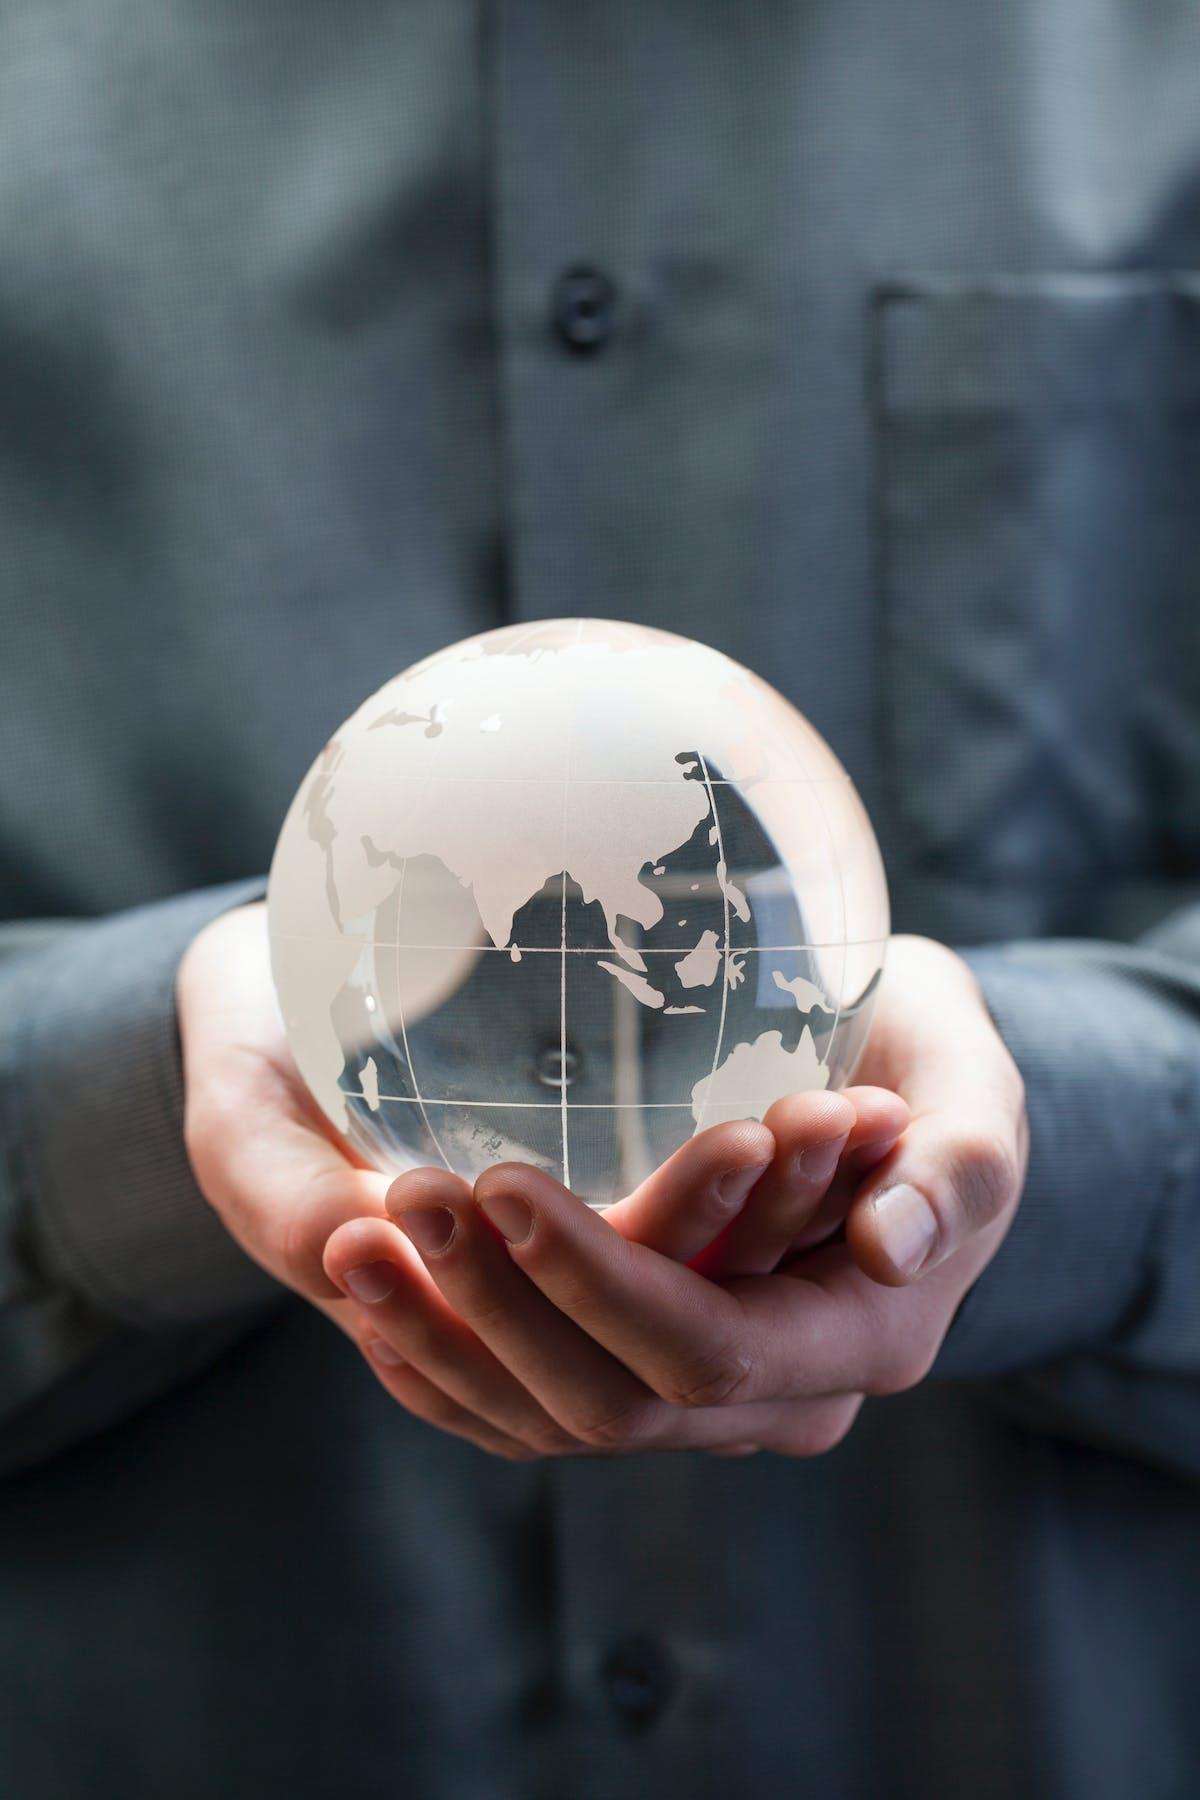 Une personne tiens une boule en forme de planète Terre dans ses mains